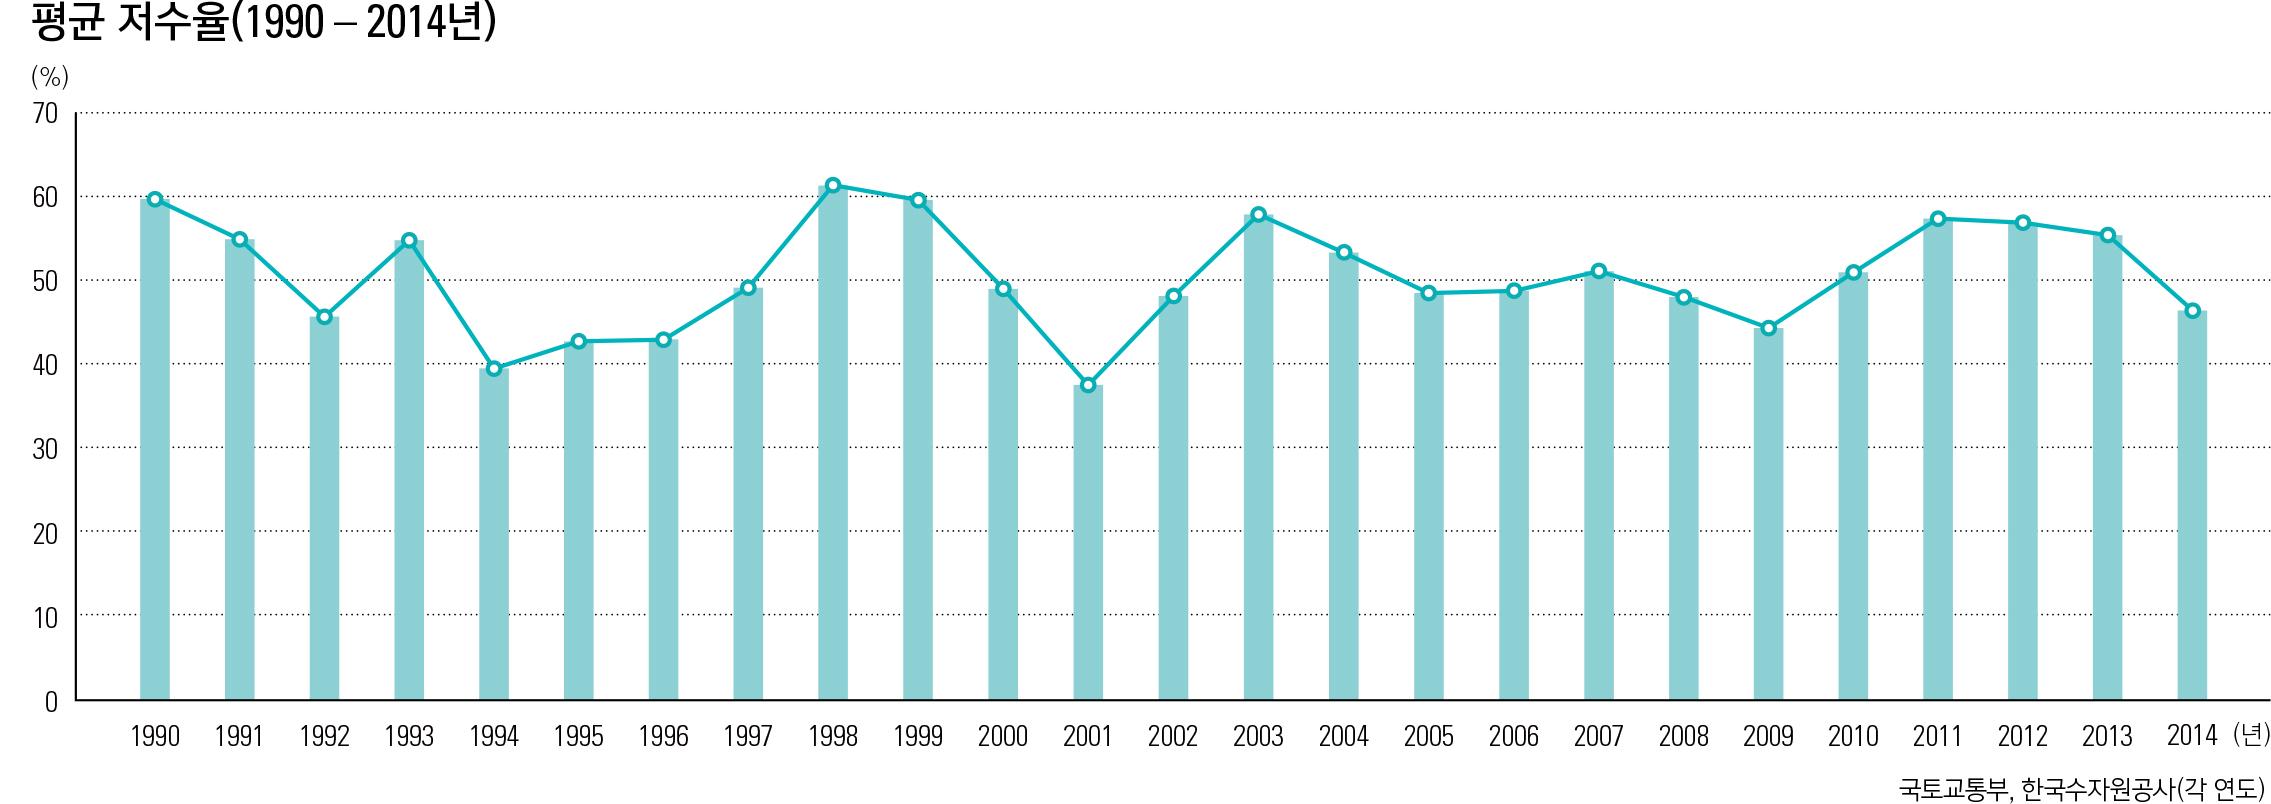 평균 저수율(1990 - 2014년)